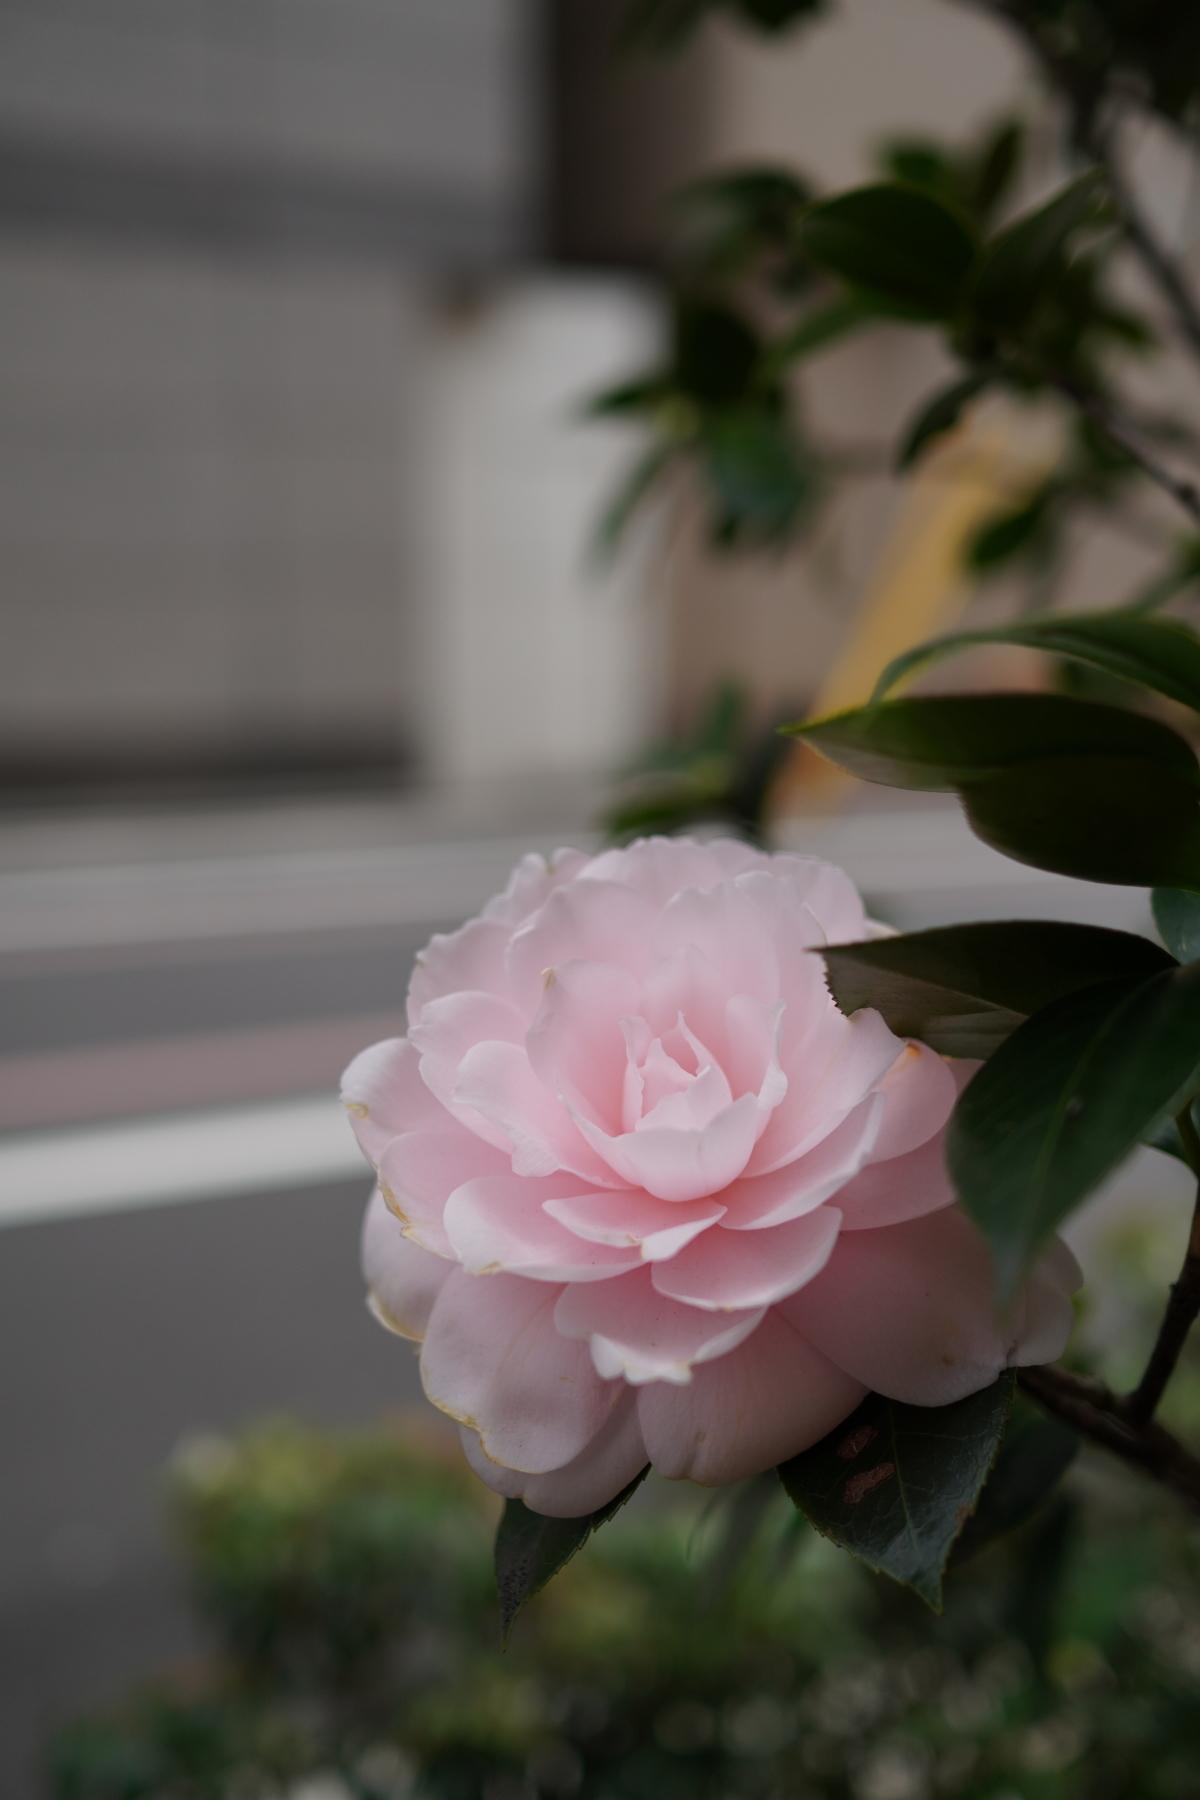 B6_02401.jpg